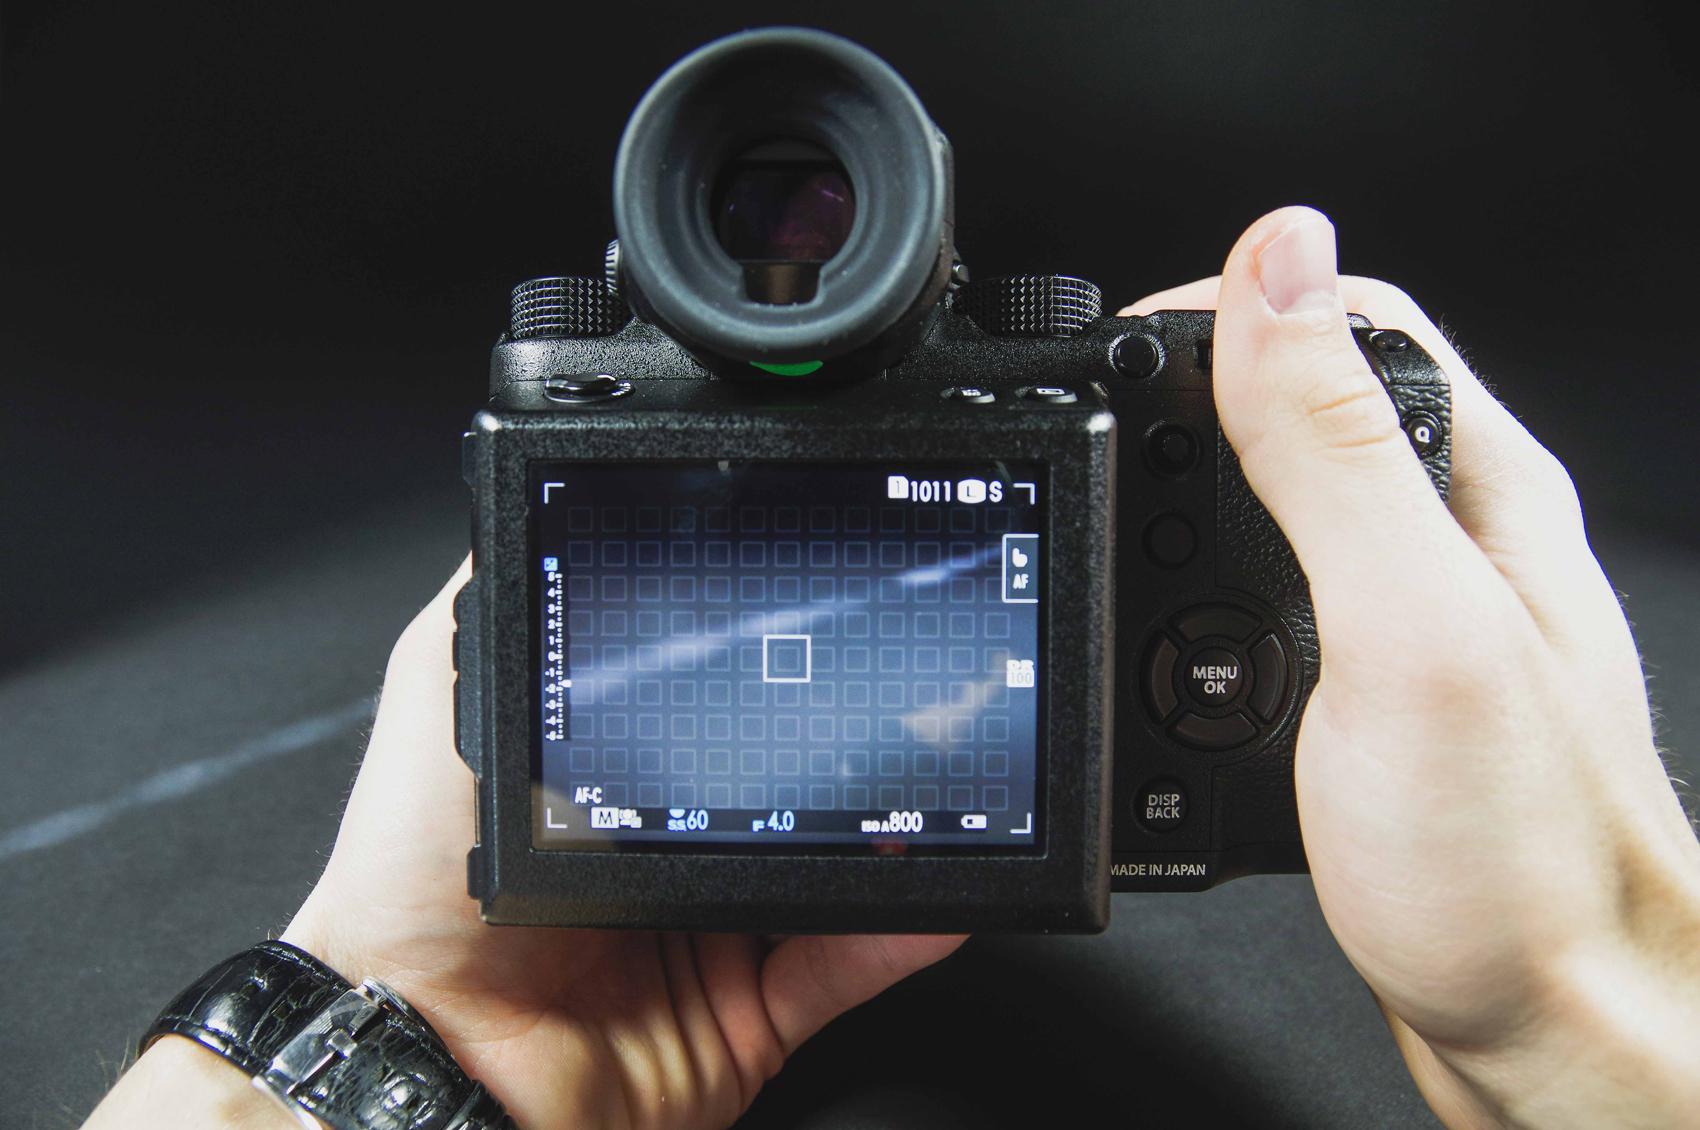 166f524b13c Võimalikult palju valikuid on toodud kaamera peale. Seda just sellepärast,  et ei peaks ringi otsima kaamera menüüdes.